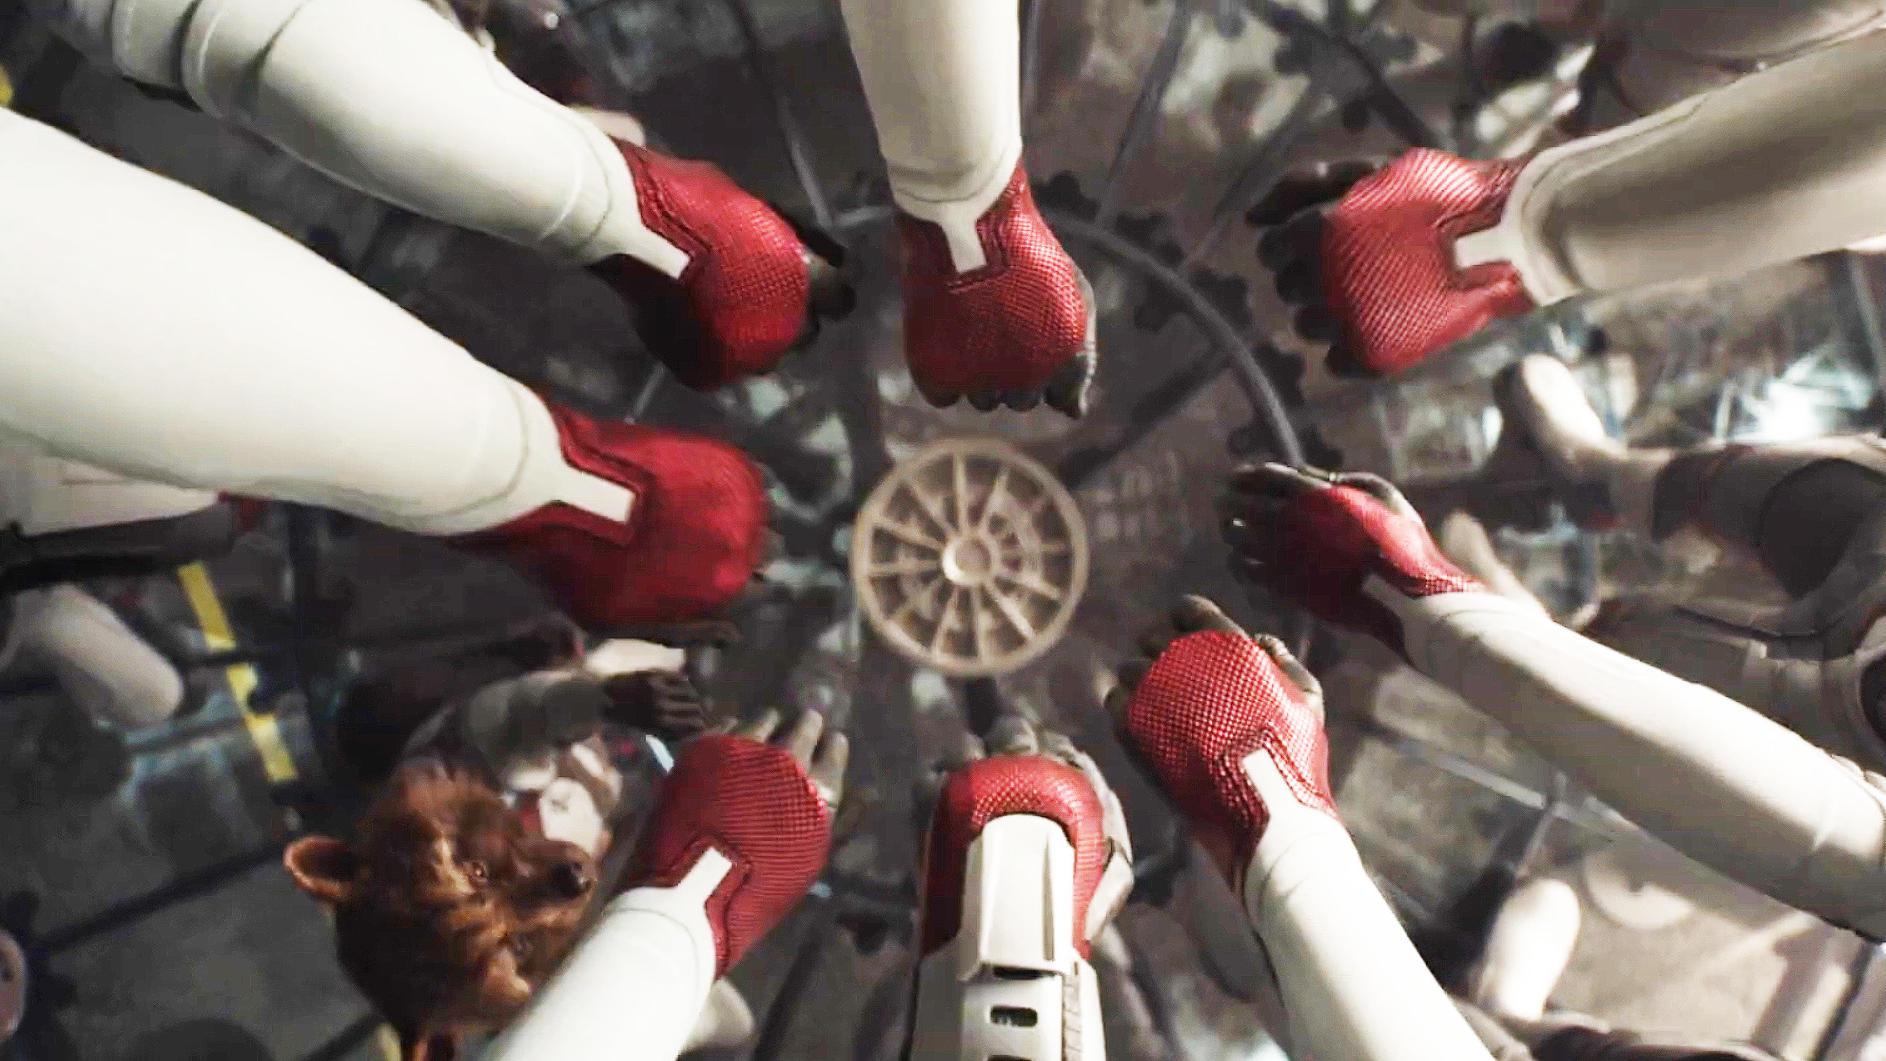 《复联4》新预告,全员新战服集结,绿巨人也穿上了!